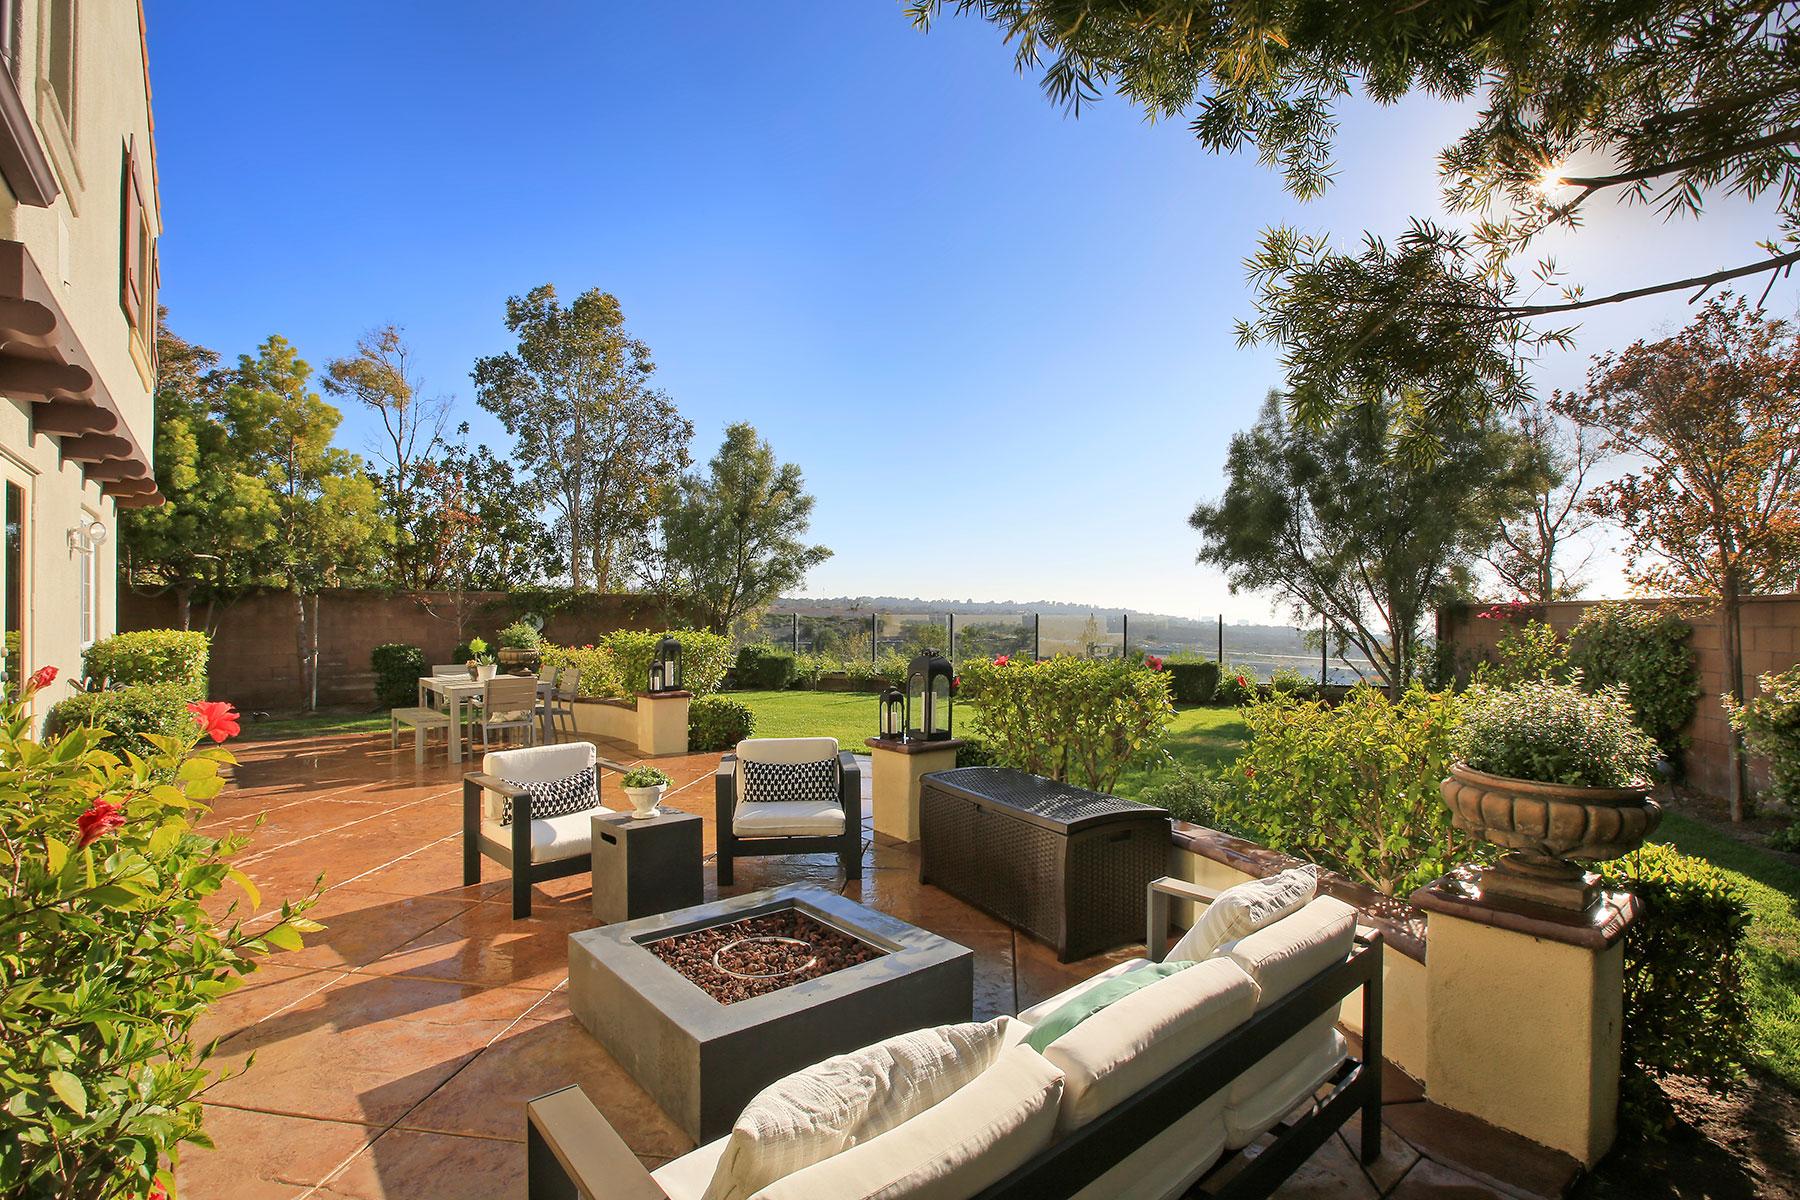 独户住宅 为 销售 在 53 Arborside 尔湾市, 加利福尼亚州, 92603 美国